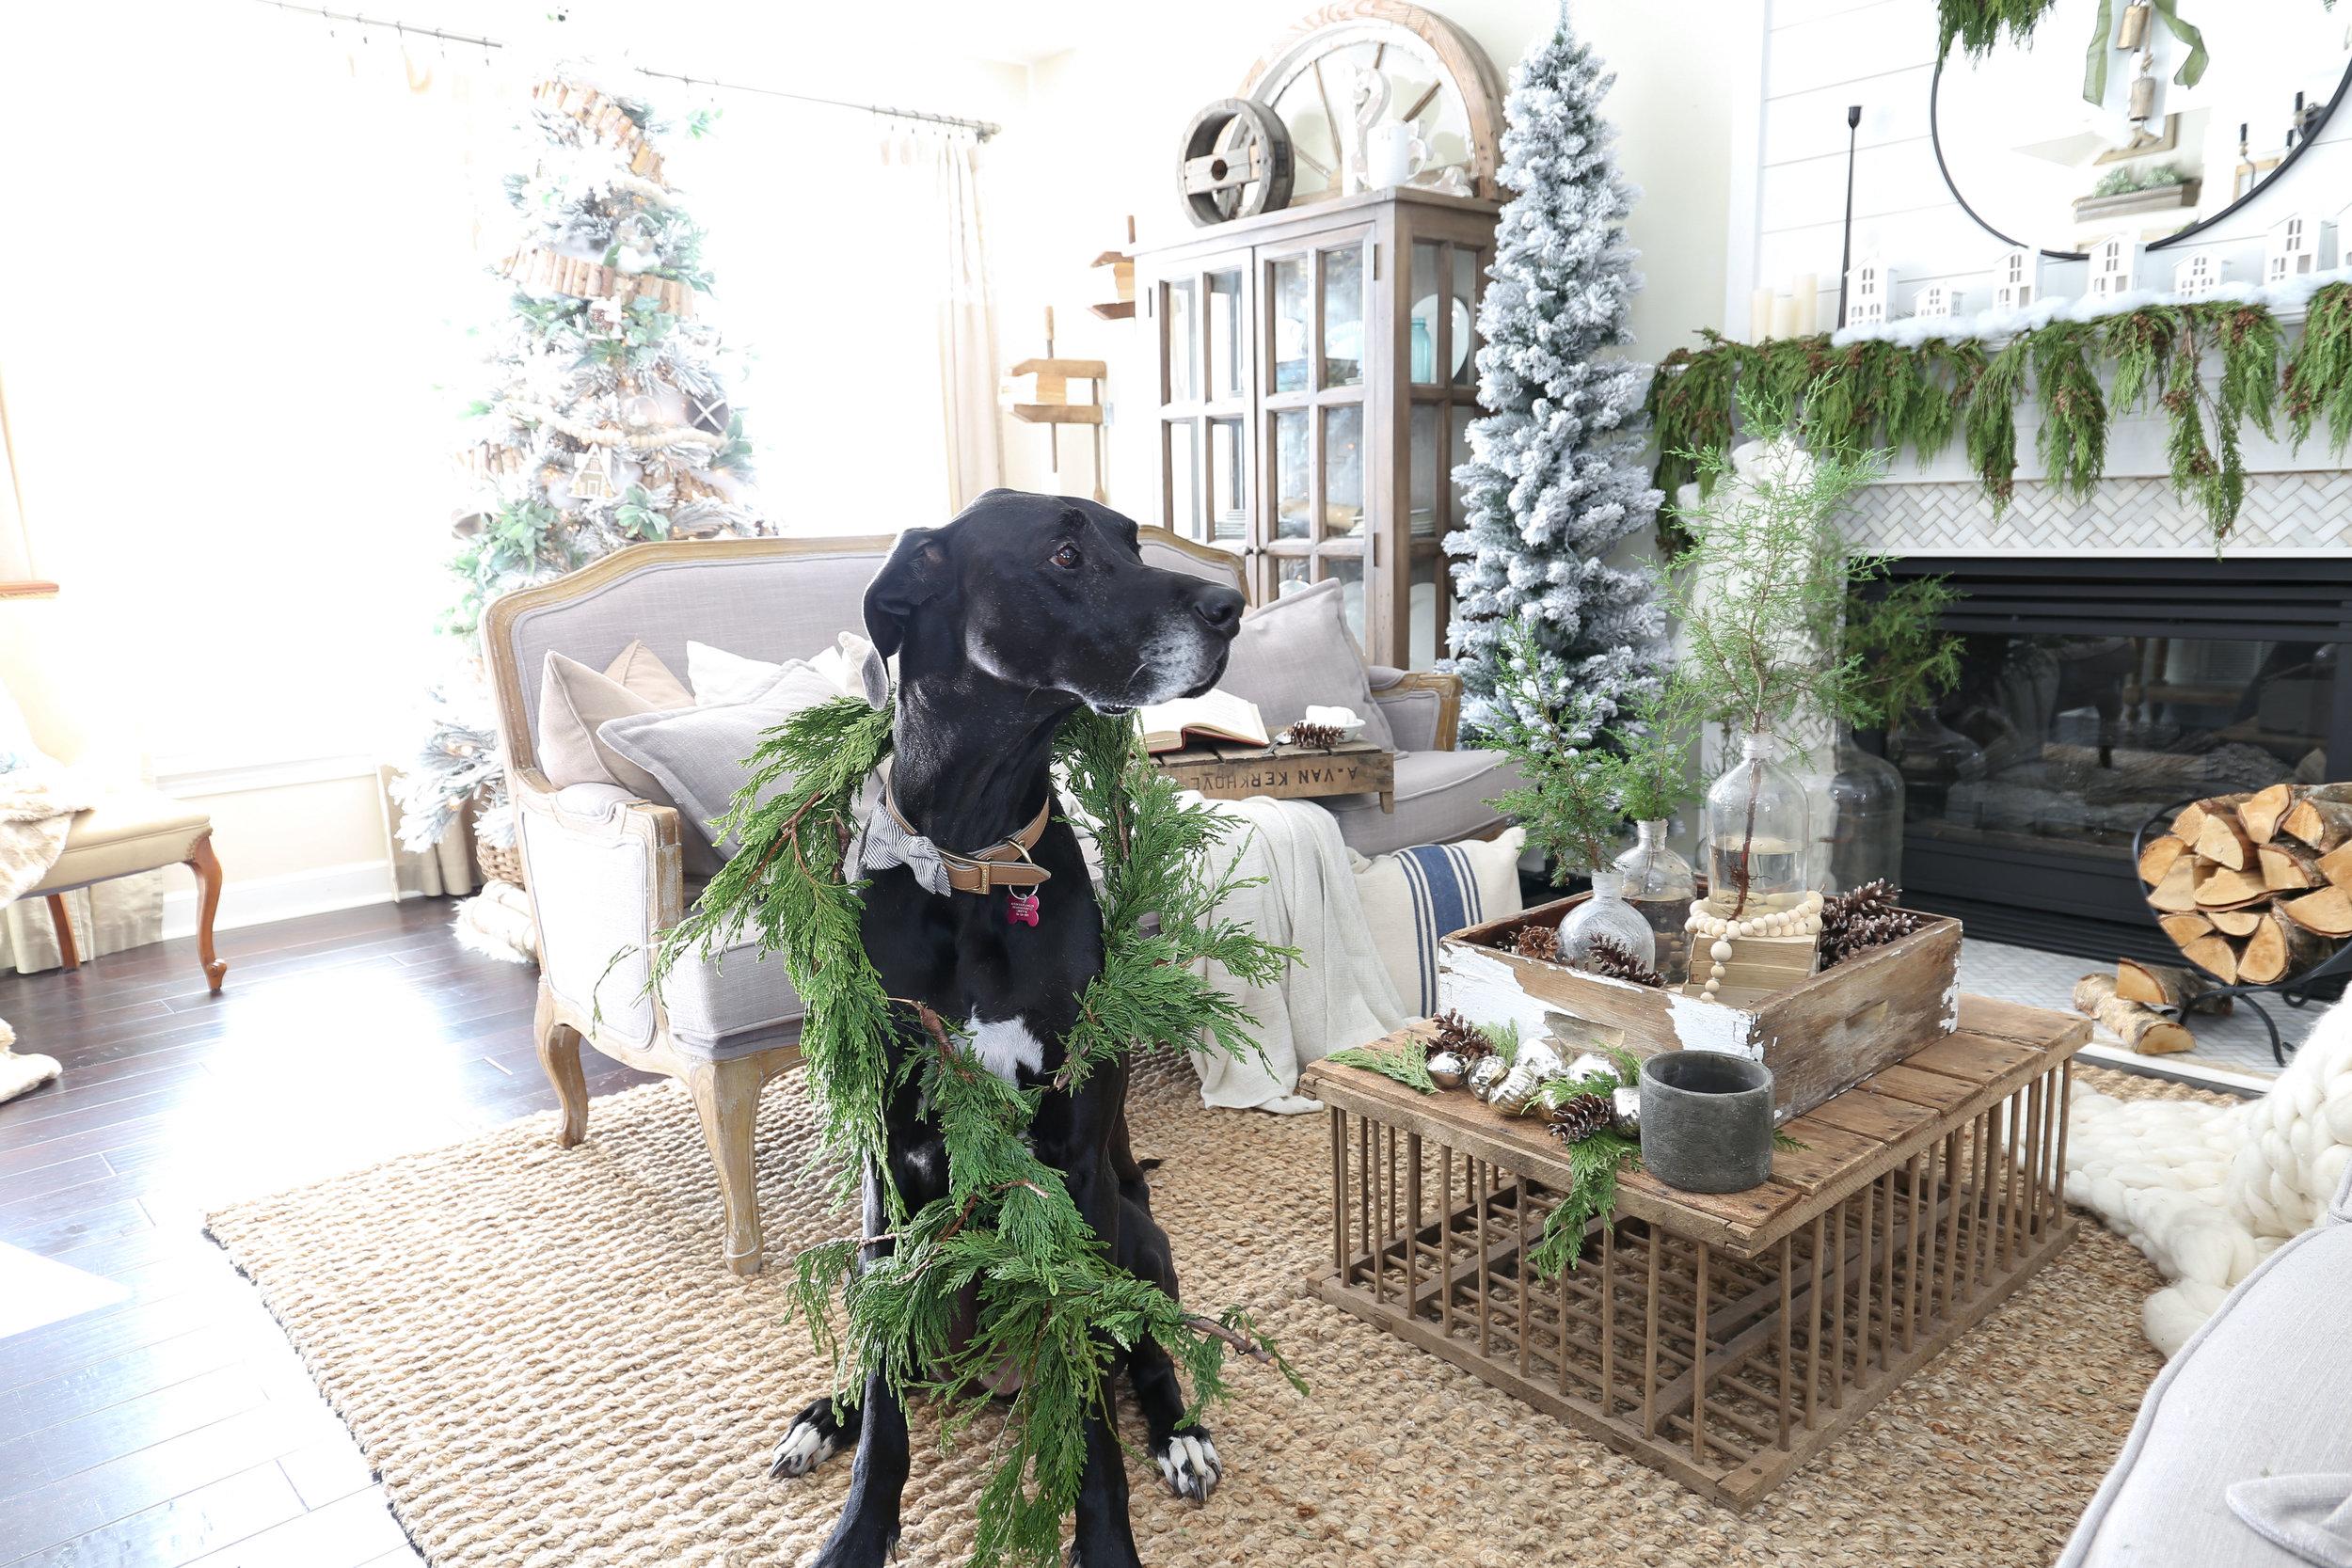 Christmas 2017 Home Tour: Deck The Blogs-Living Room Christmas Decor with Bella- Plum Pretty Decor & Design's Christmas Home Tour